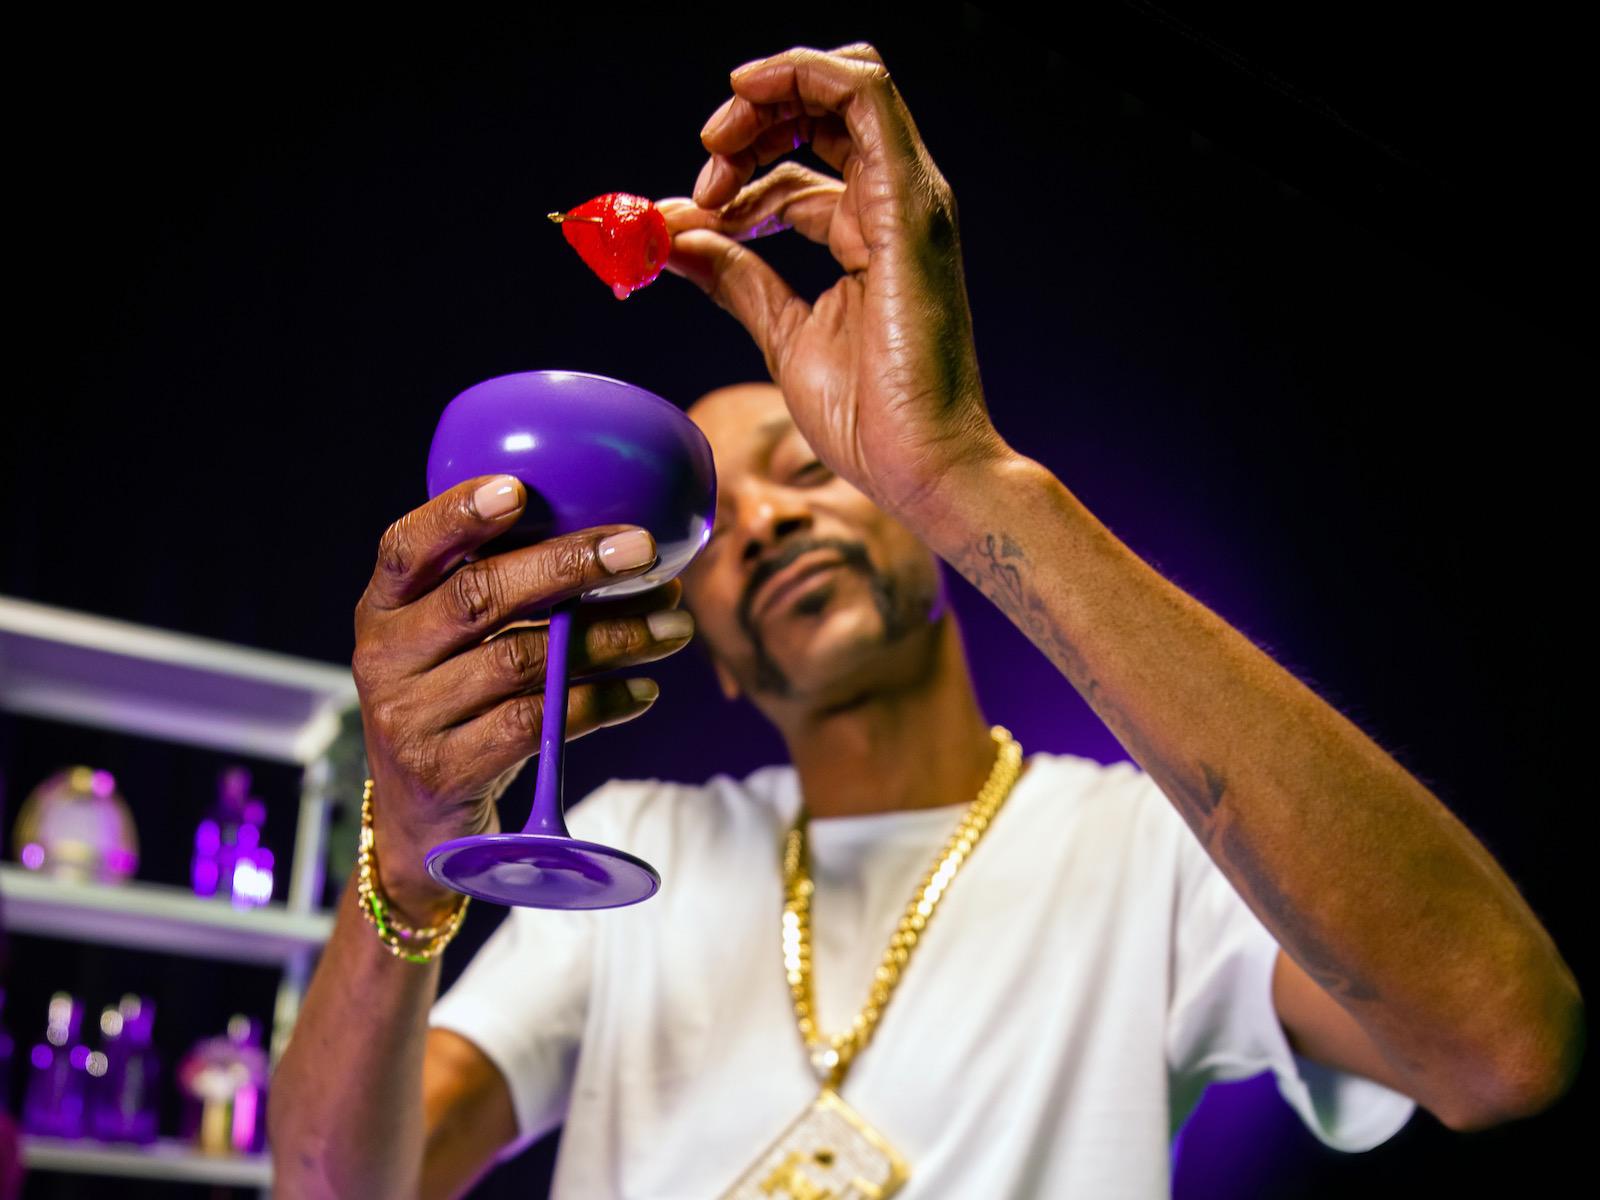 Snoop Dogg garnishing INDOGGO gin cocktail